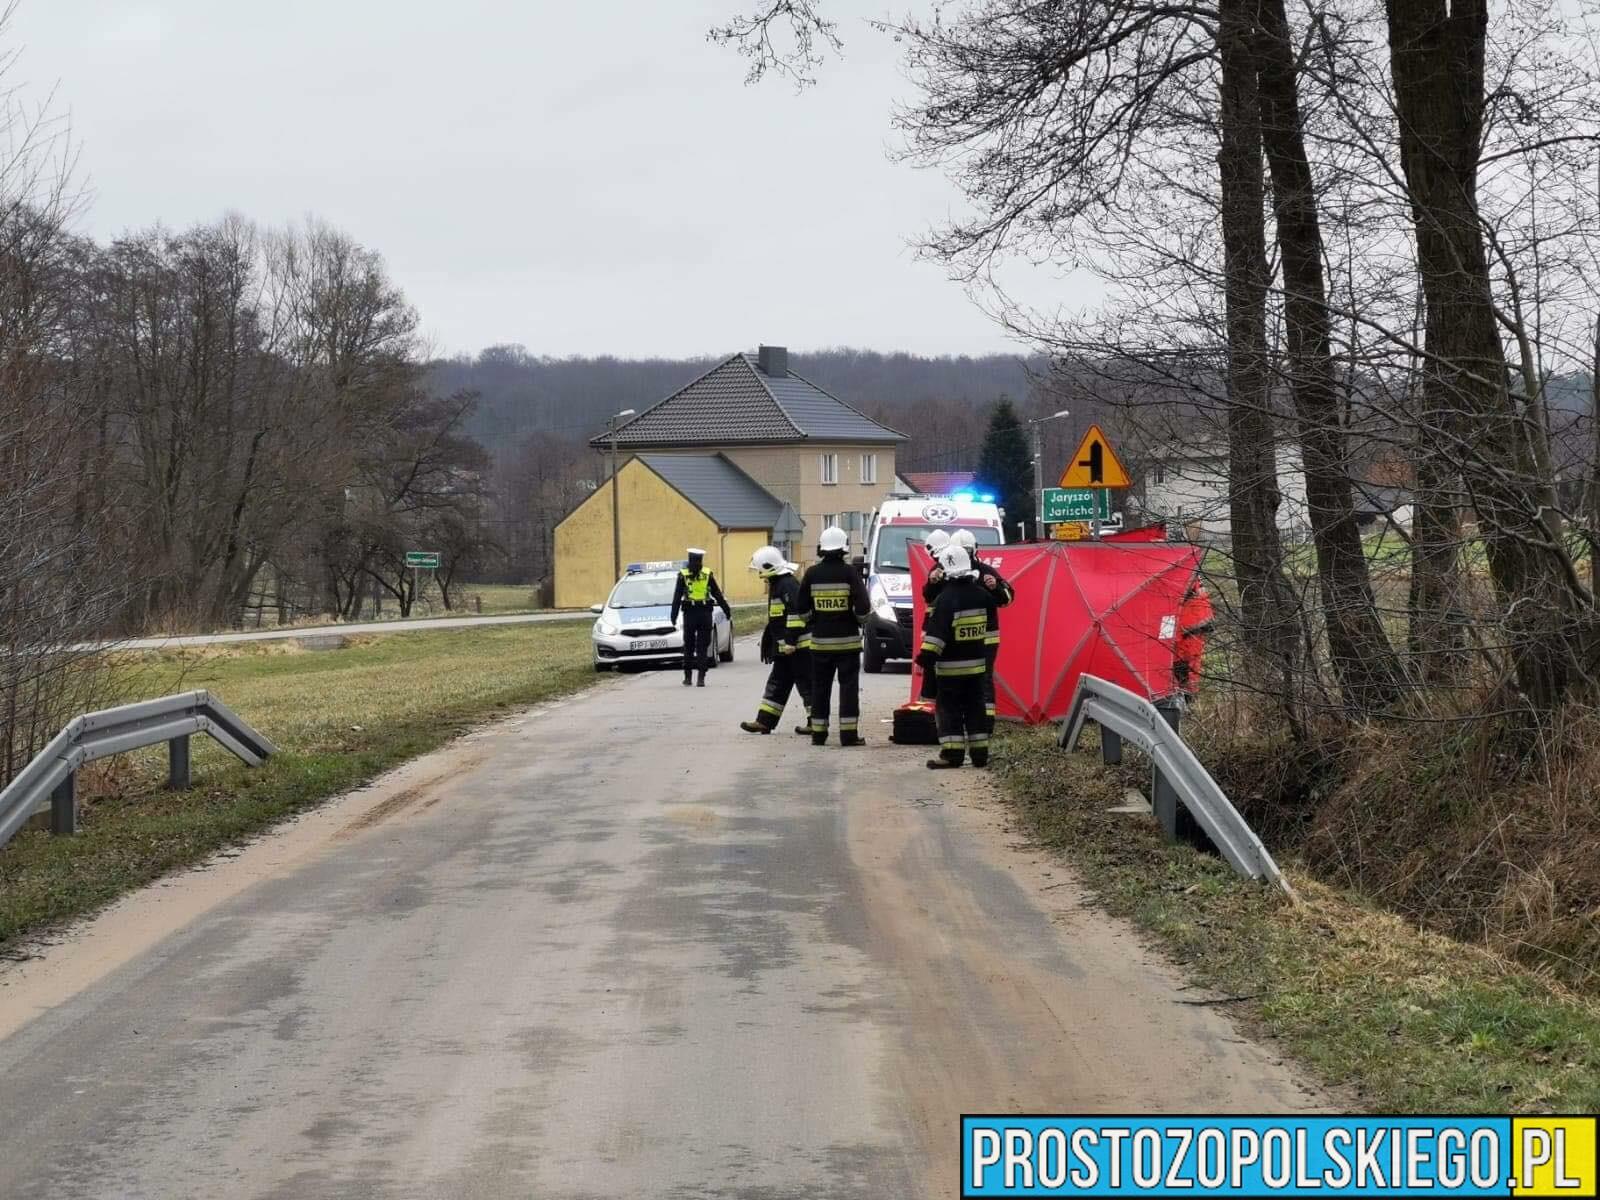 Śmierć 75-latka. Uderzył motorowerem w bariery ochronne.(Zdjęcia)